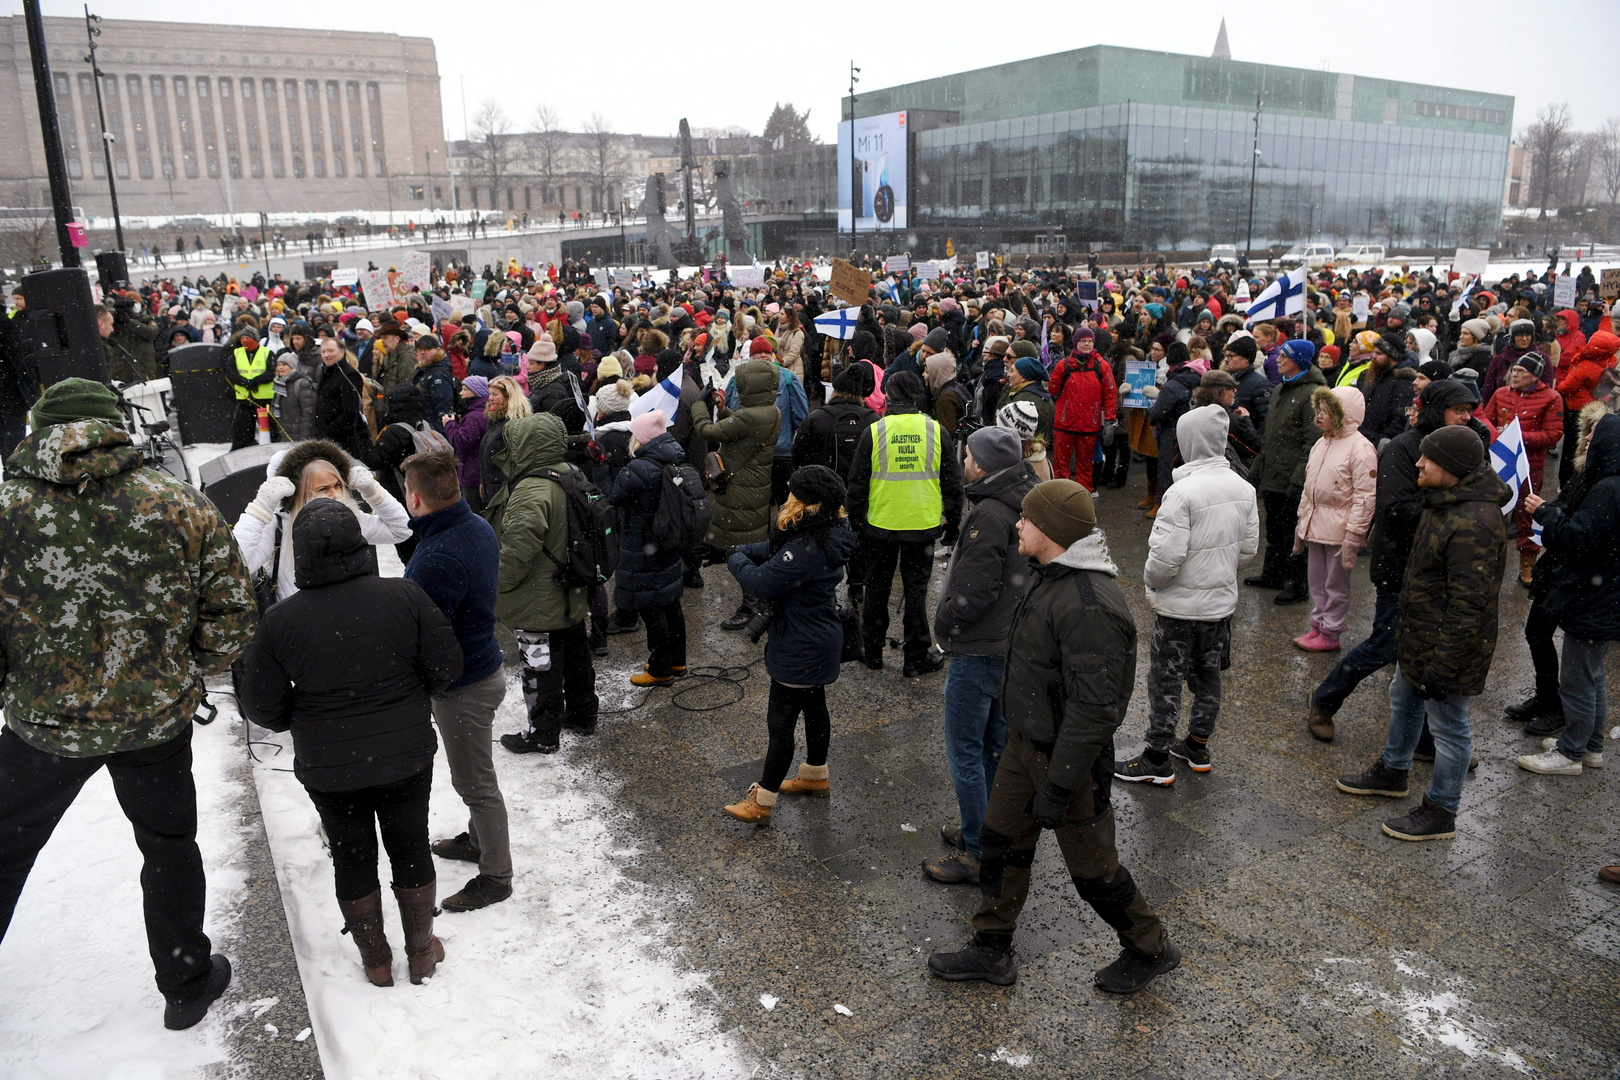 احتجاجات على قيود كورونا في هلسنكي.. والشرطة توقف 20 شخصا